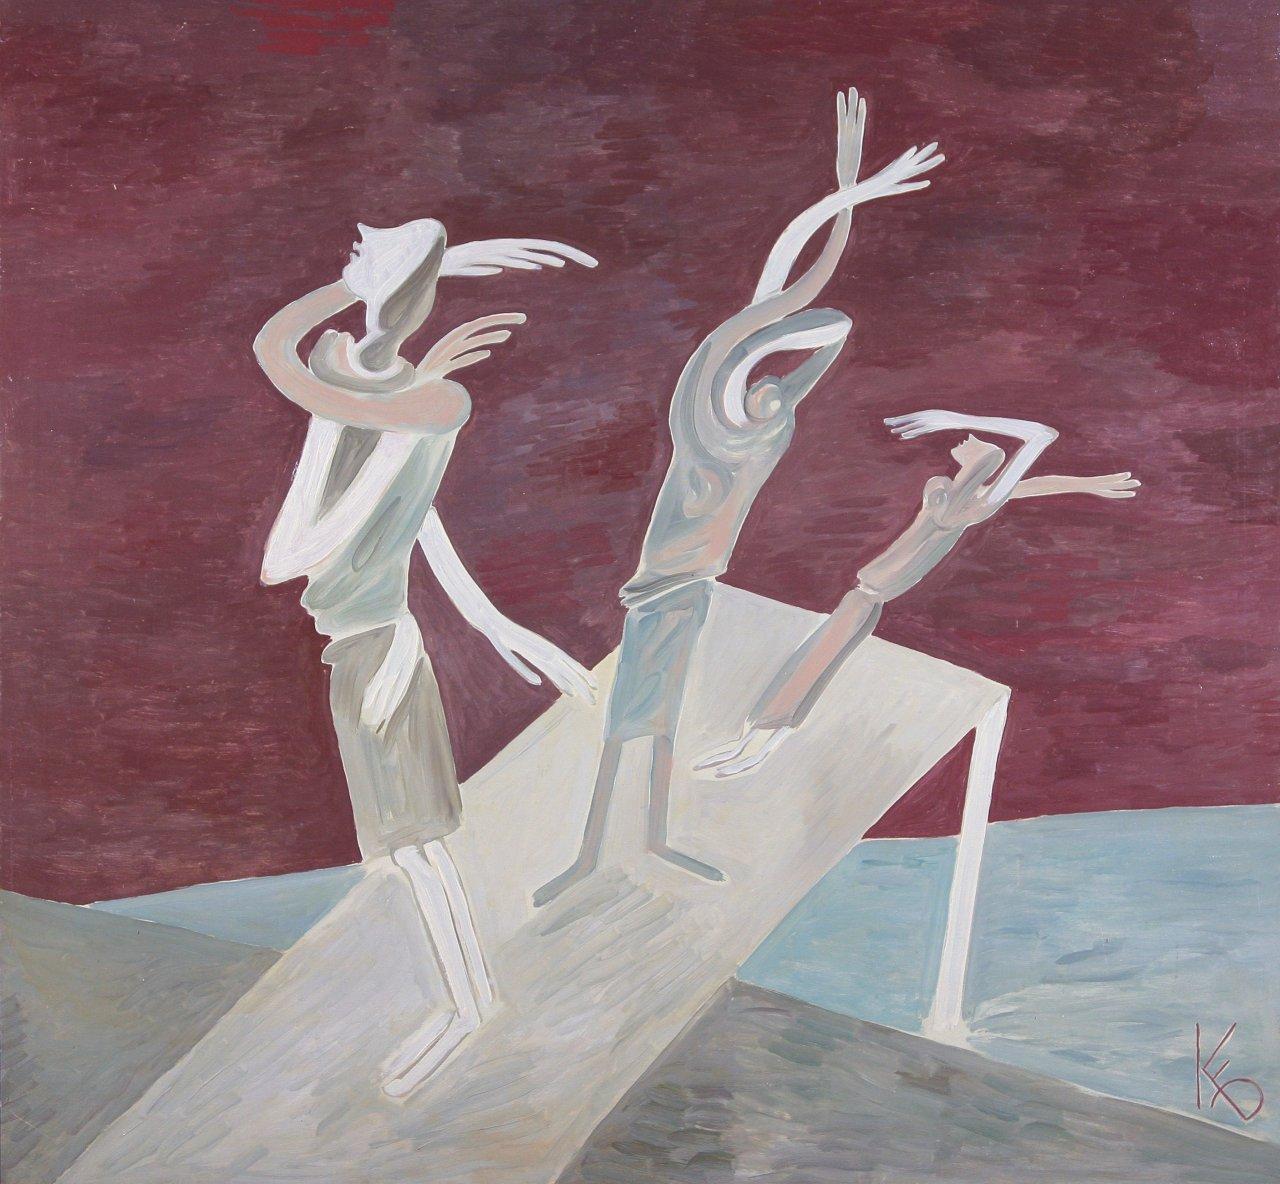 Борис Кочейшвили. Перед грозой. 1988 Оргалит, масло. 122×129